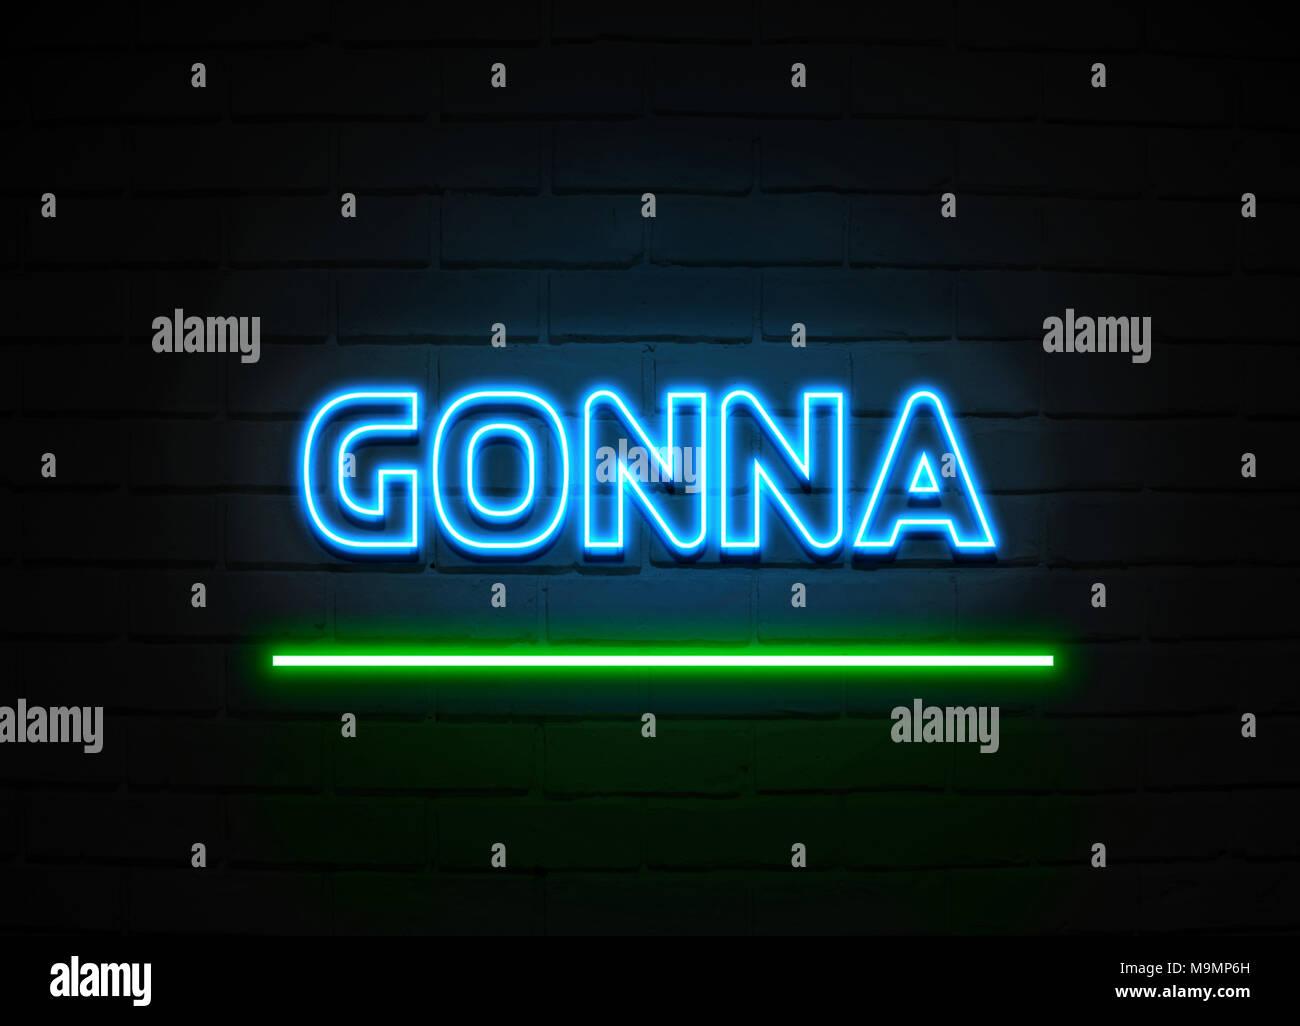 Andando a segno al neon - Neon incandescente segno sulla parete brickwall - 3D reso Royalty free stock illustrazione. Immagini Stock